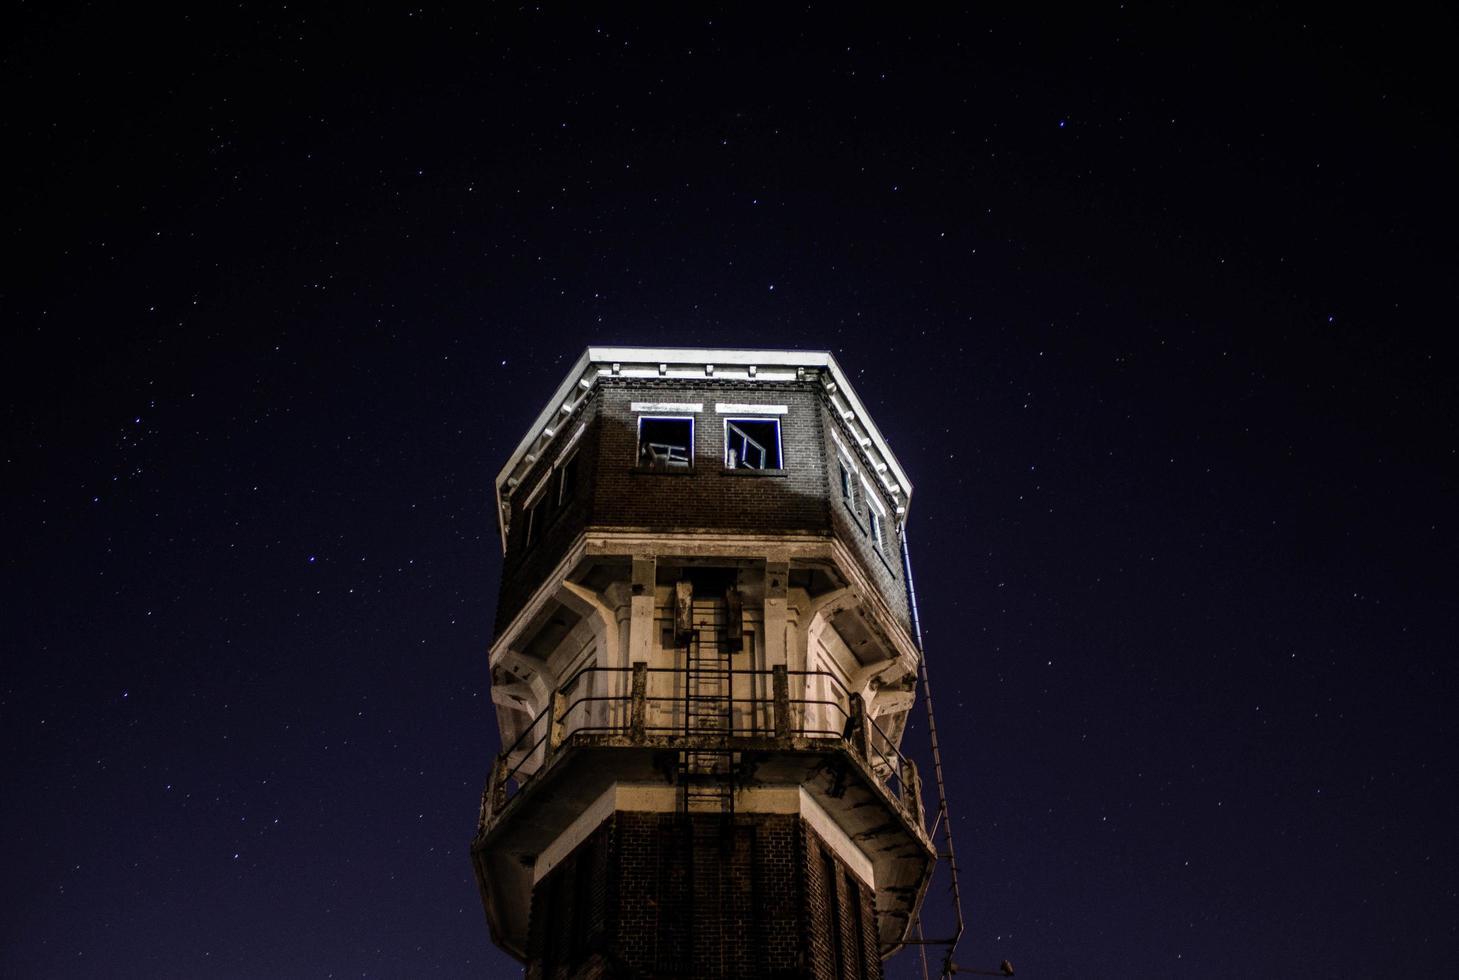 brugge, België, 2020 - belfort van brugge bij nacht foto